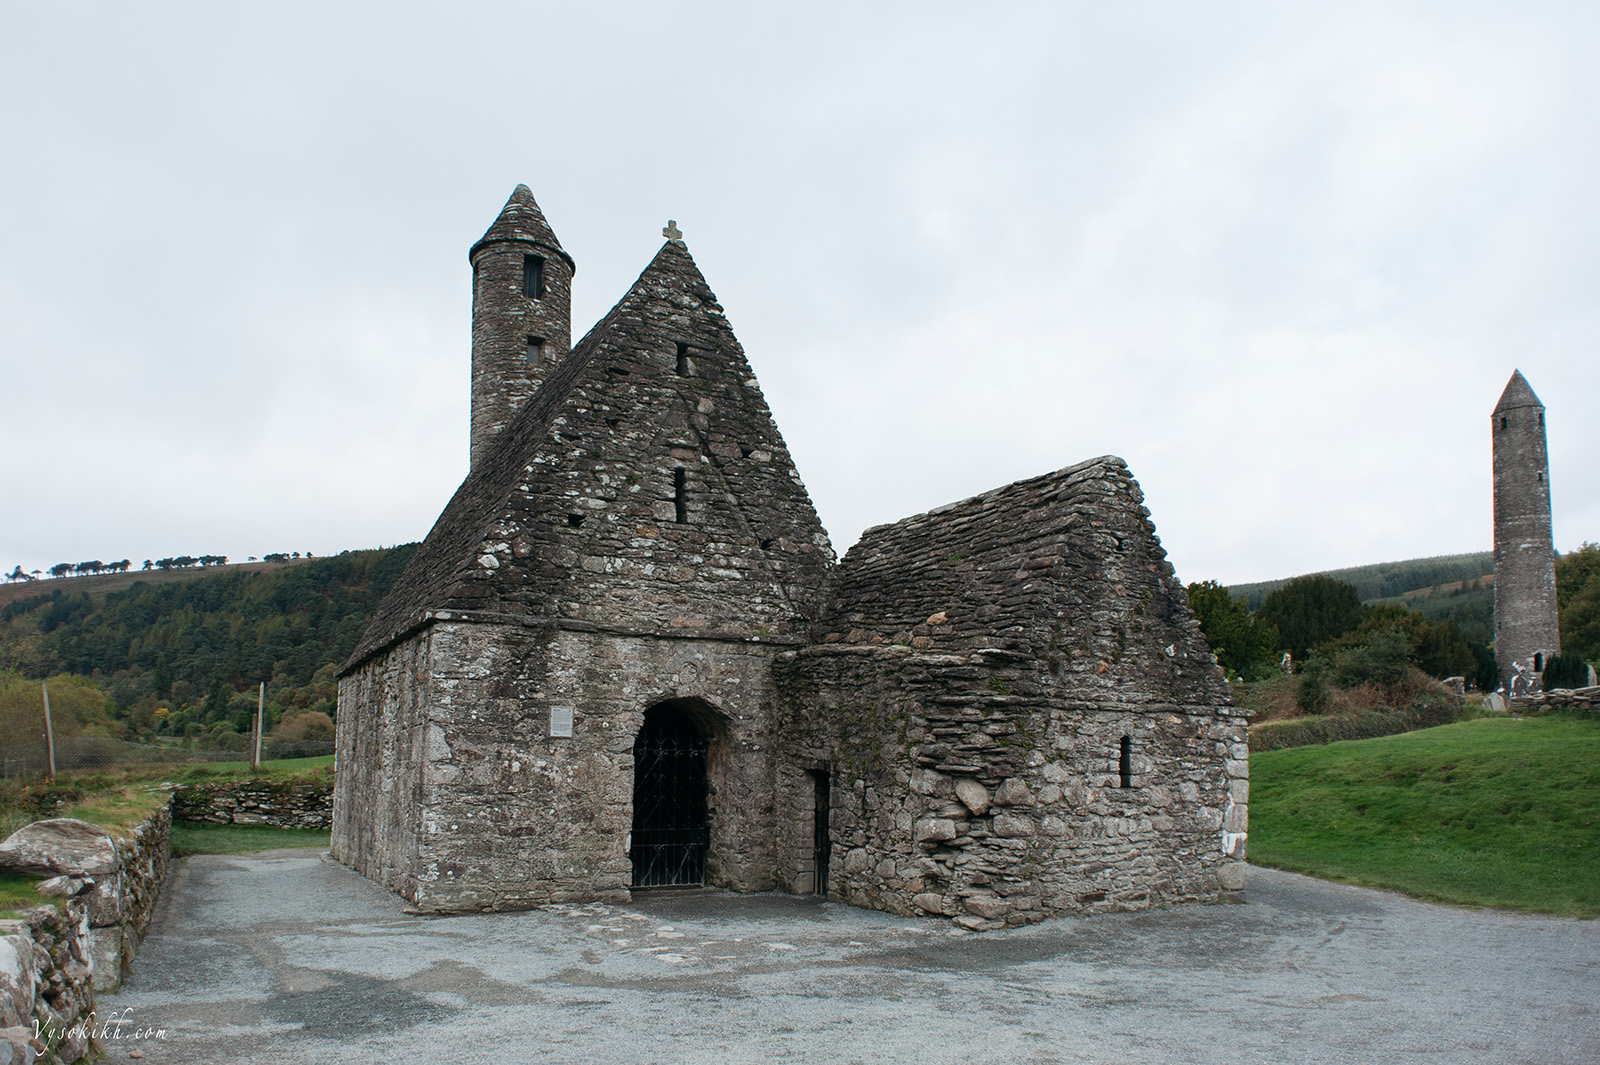 Glendalough - монастырь основан в шестом веке.